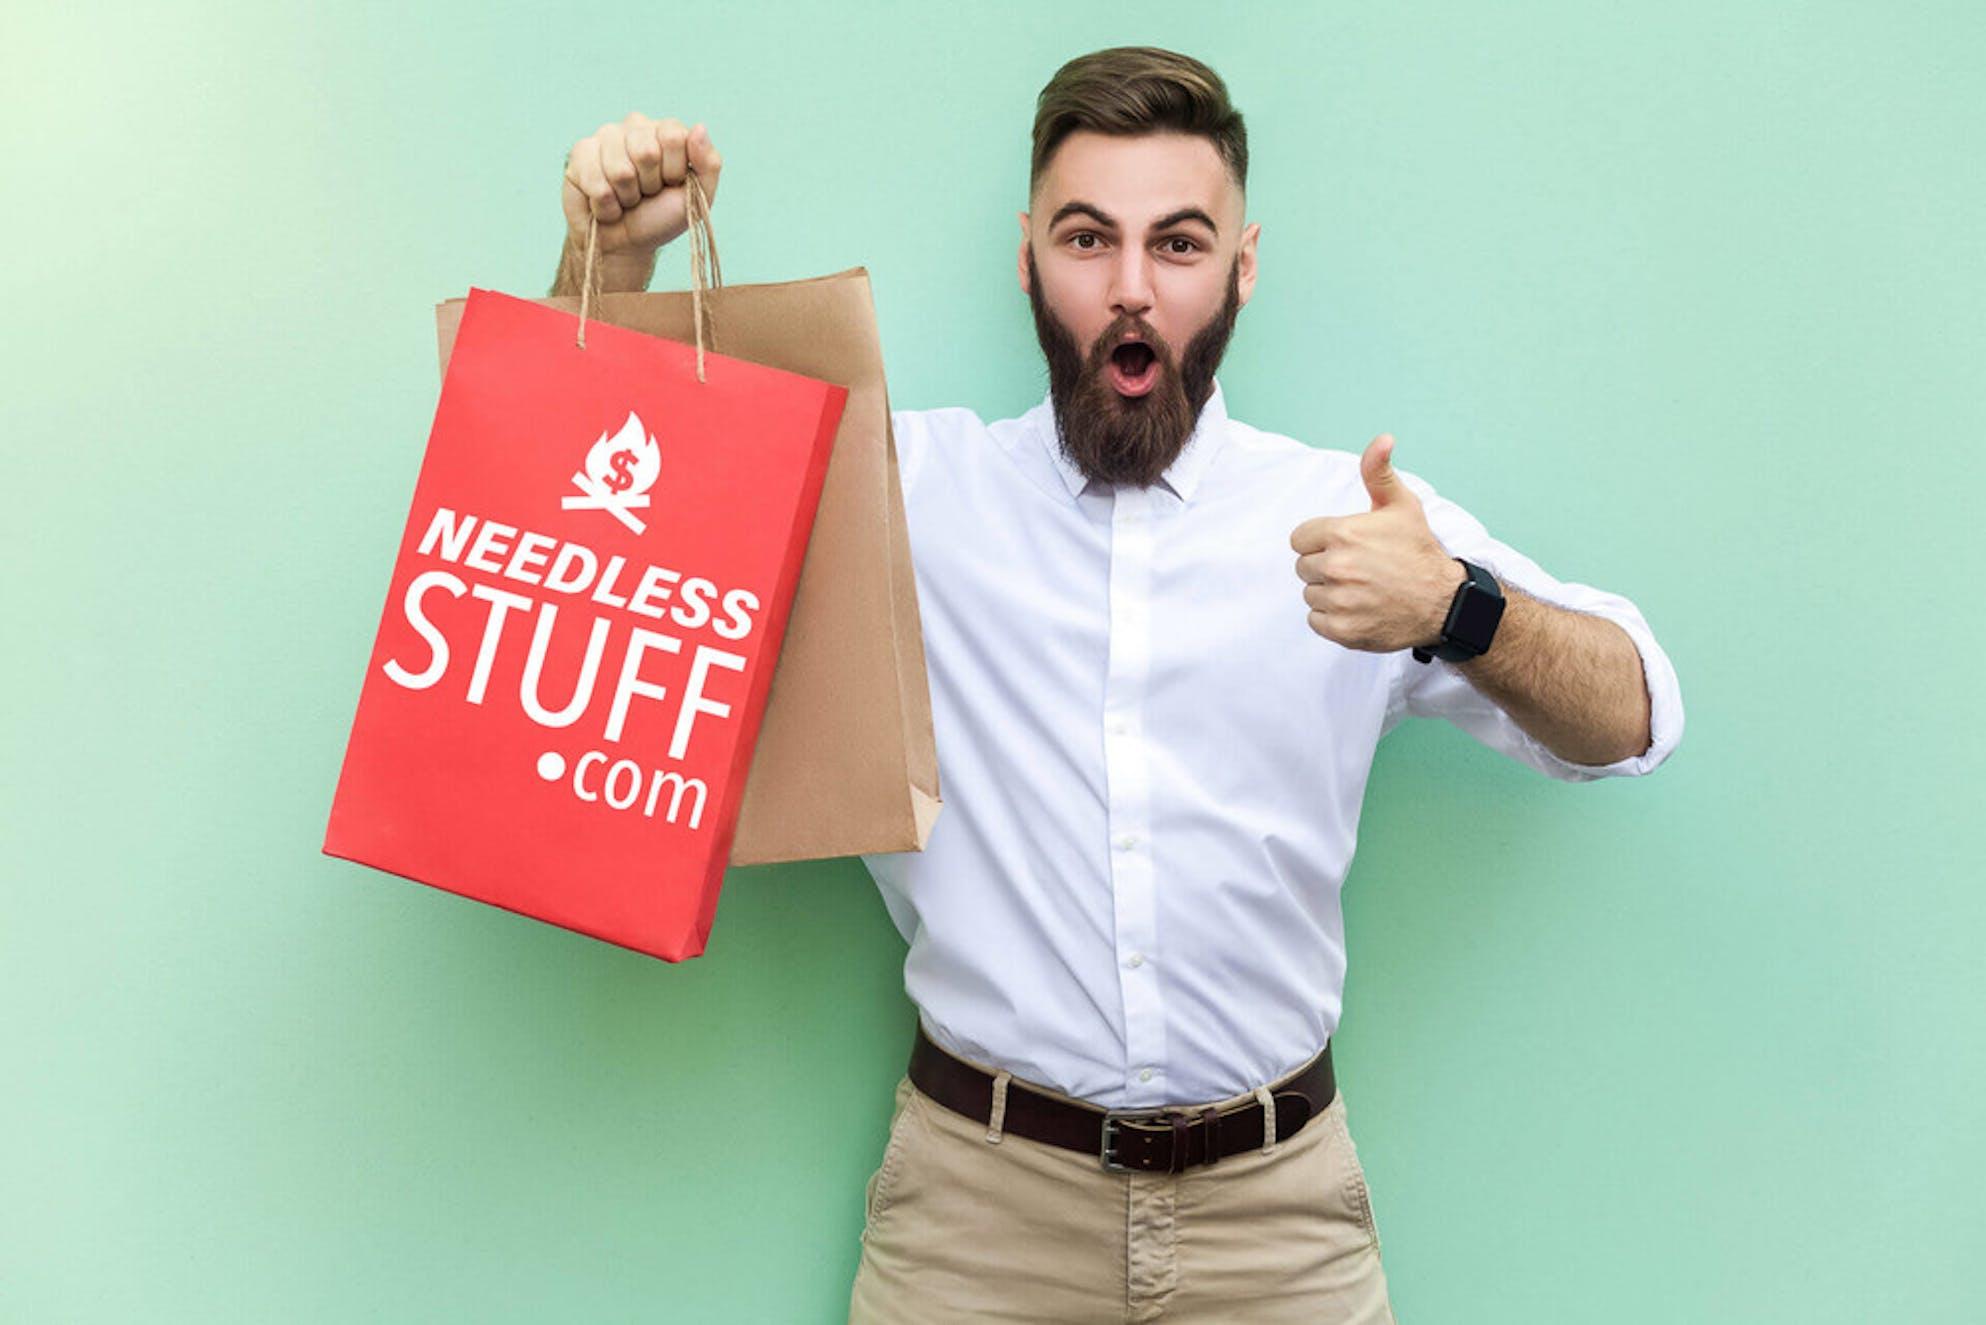 Impulsive shopper on a spending spree